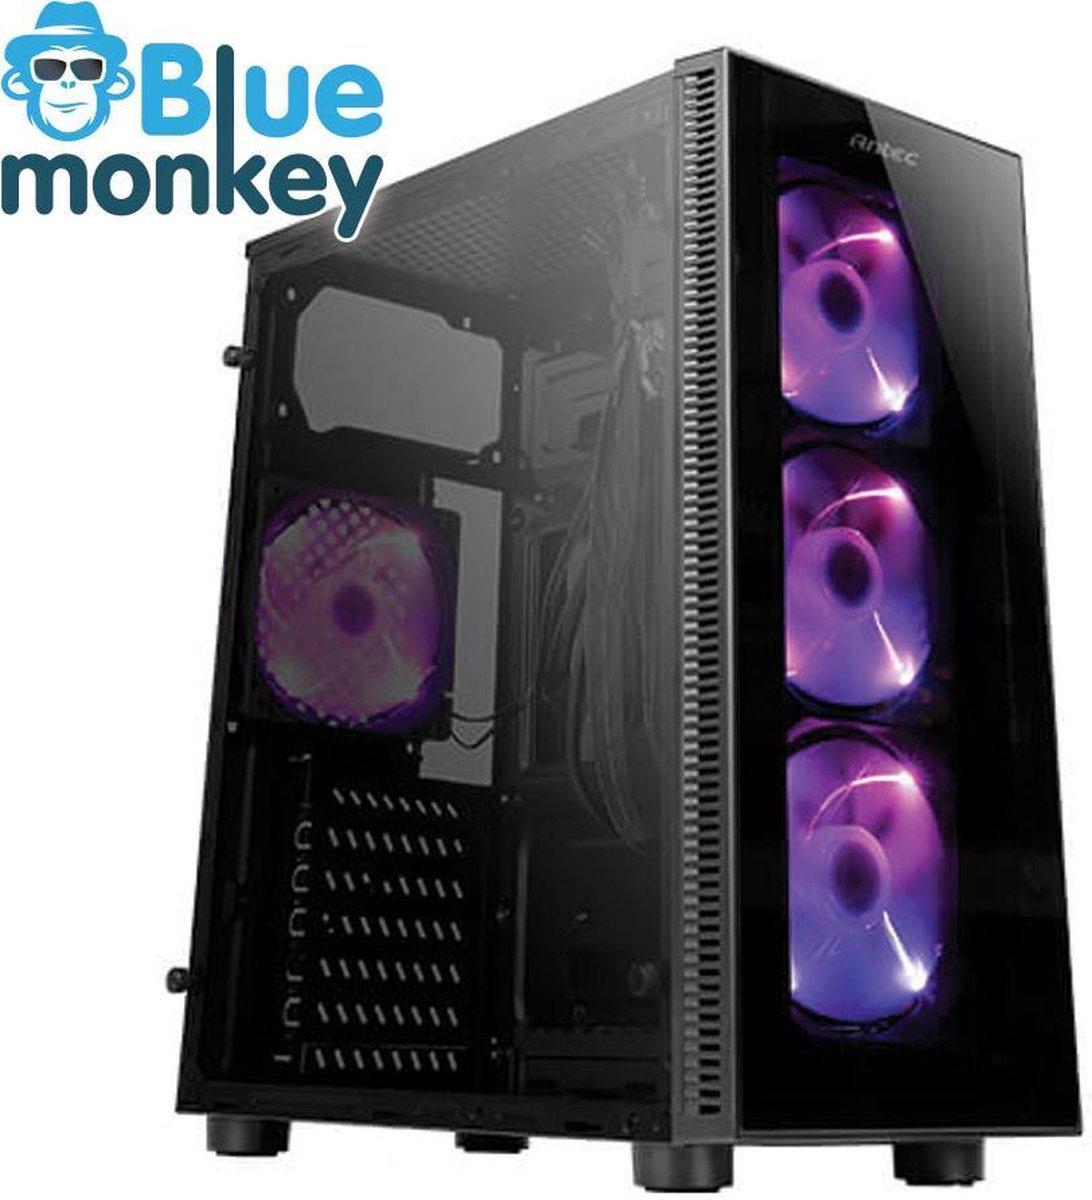 Blue Monkey Budget Game PC - i5 - GTX 1650 - 8GB DDR4 - 480 GB SSD